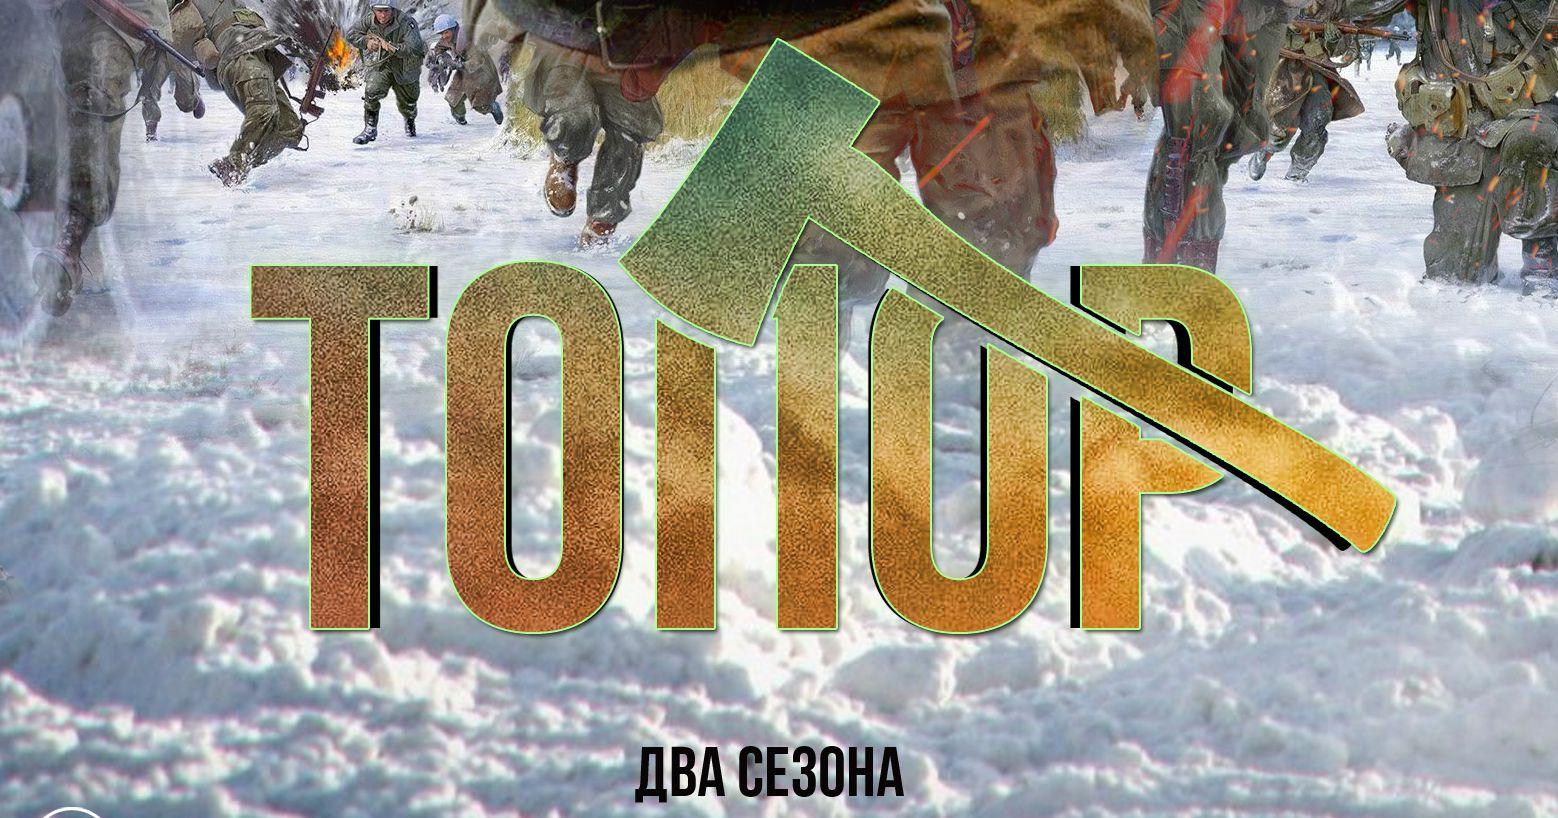 «Топор (1 сезон: 2 серии) (2018)»